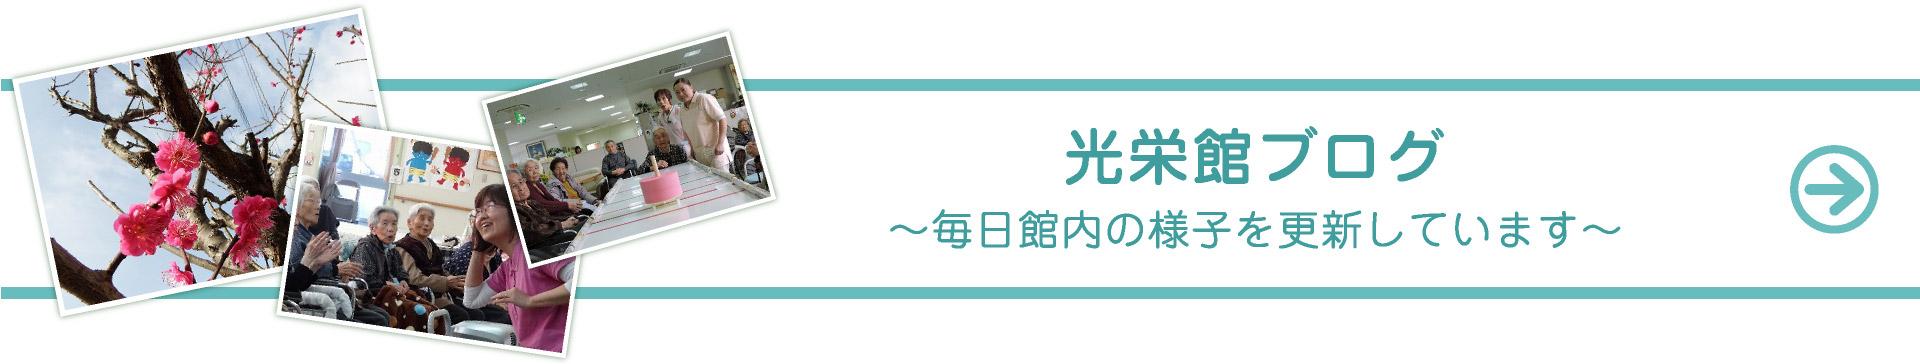 光栄館ブログ